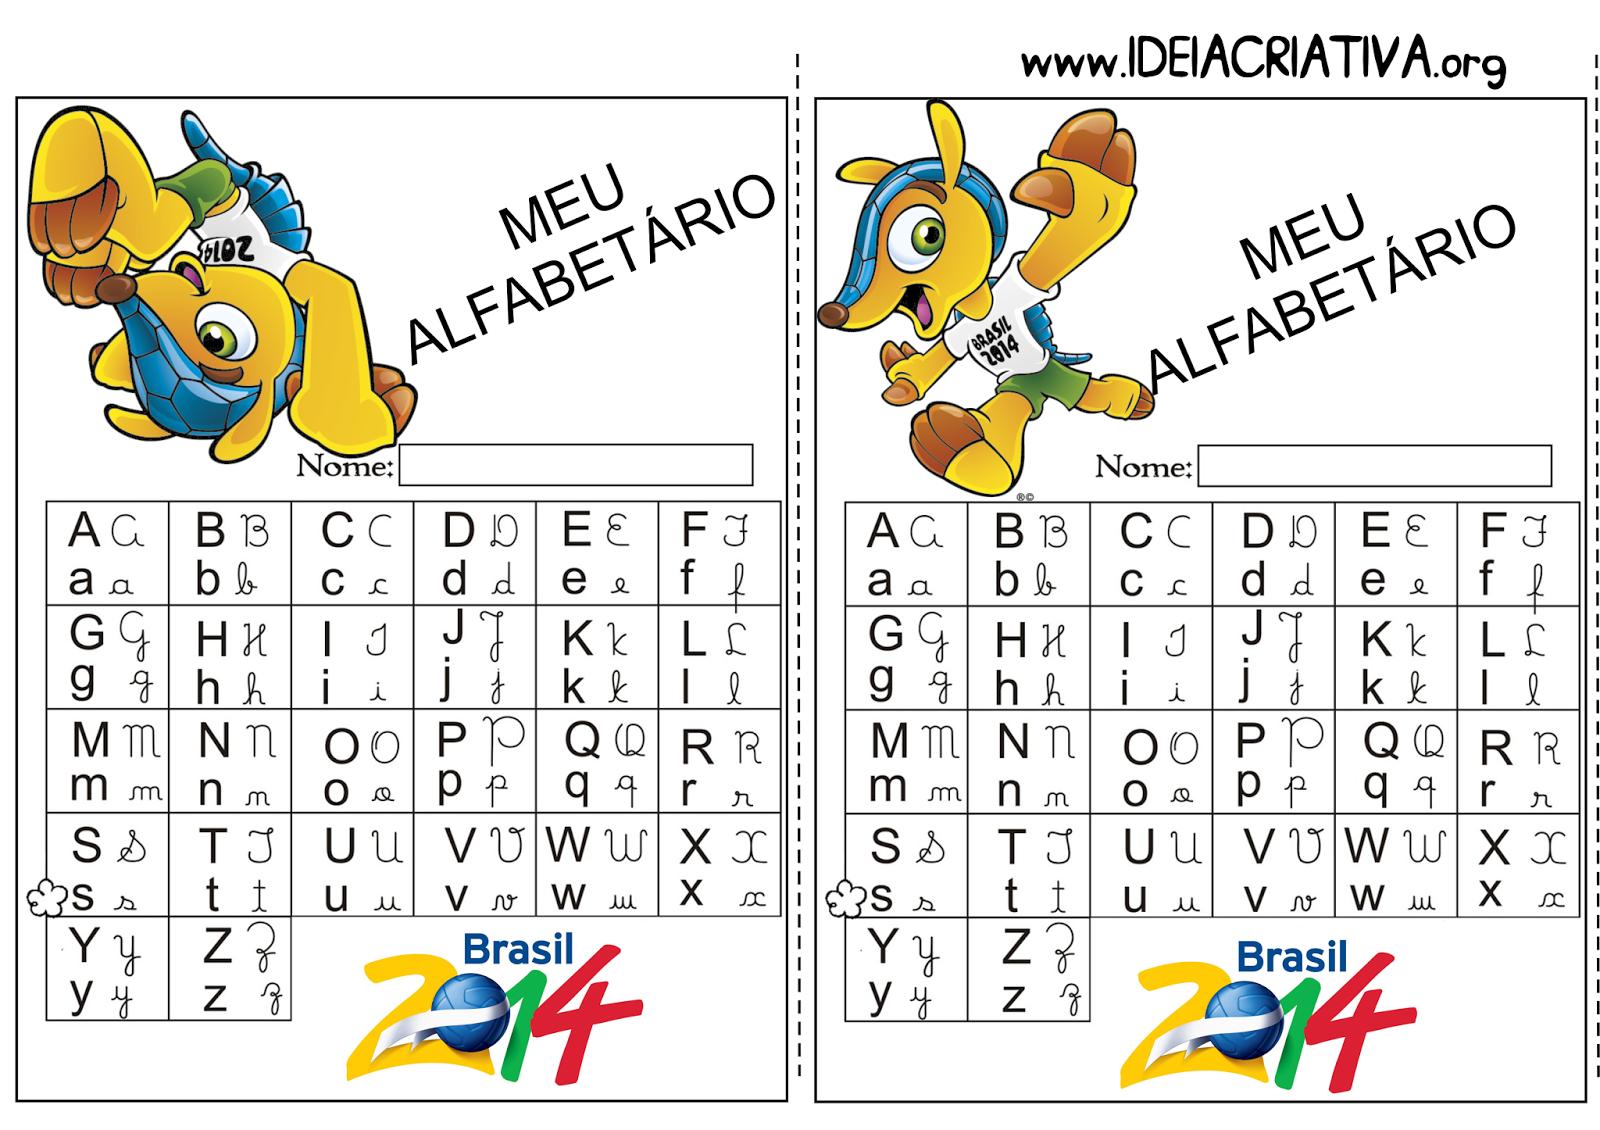 Alfabetário Copa do Mundo Fuleco